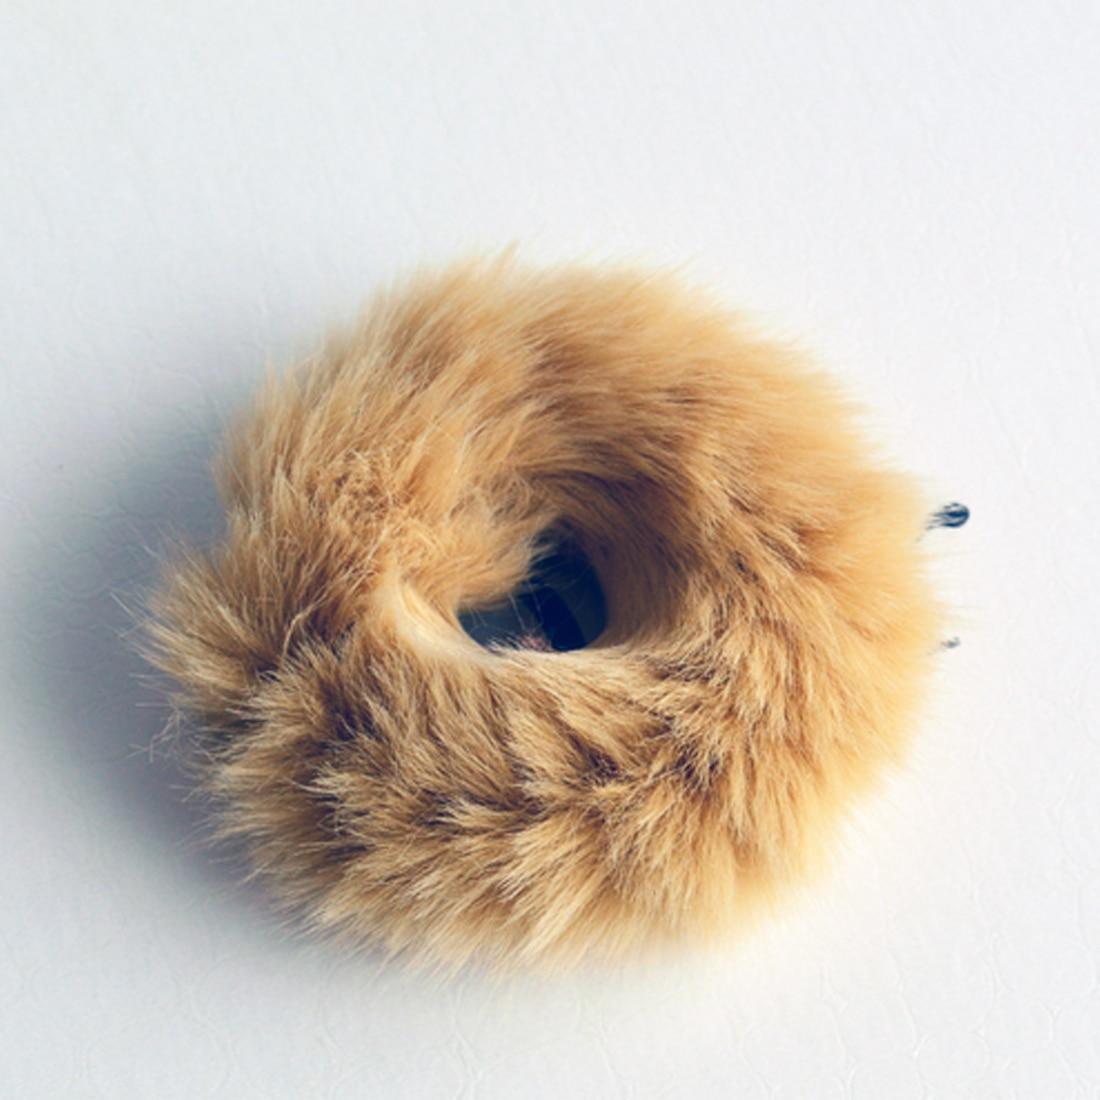 Новинка, настоящая меховая кроличья шерсть, мягкие эластичные резинки для волос для женщин и девочек, милые резинки для волос, резинка для хвоста, модные аксессуары для волос - Цвет: CAMEL